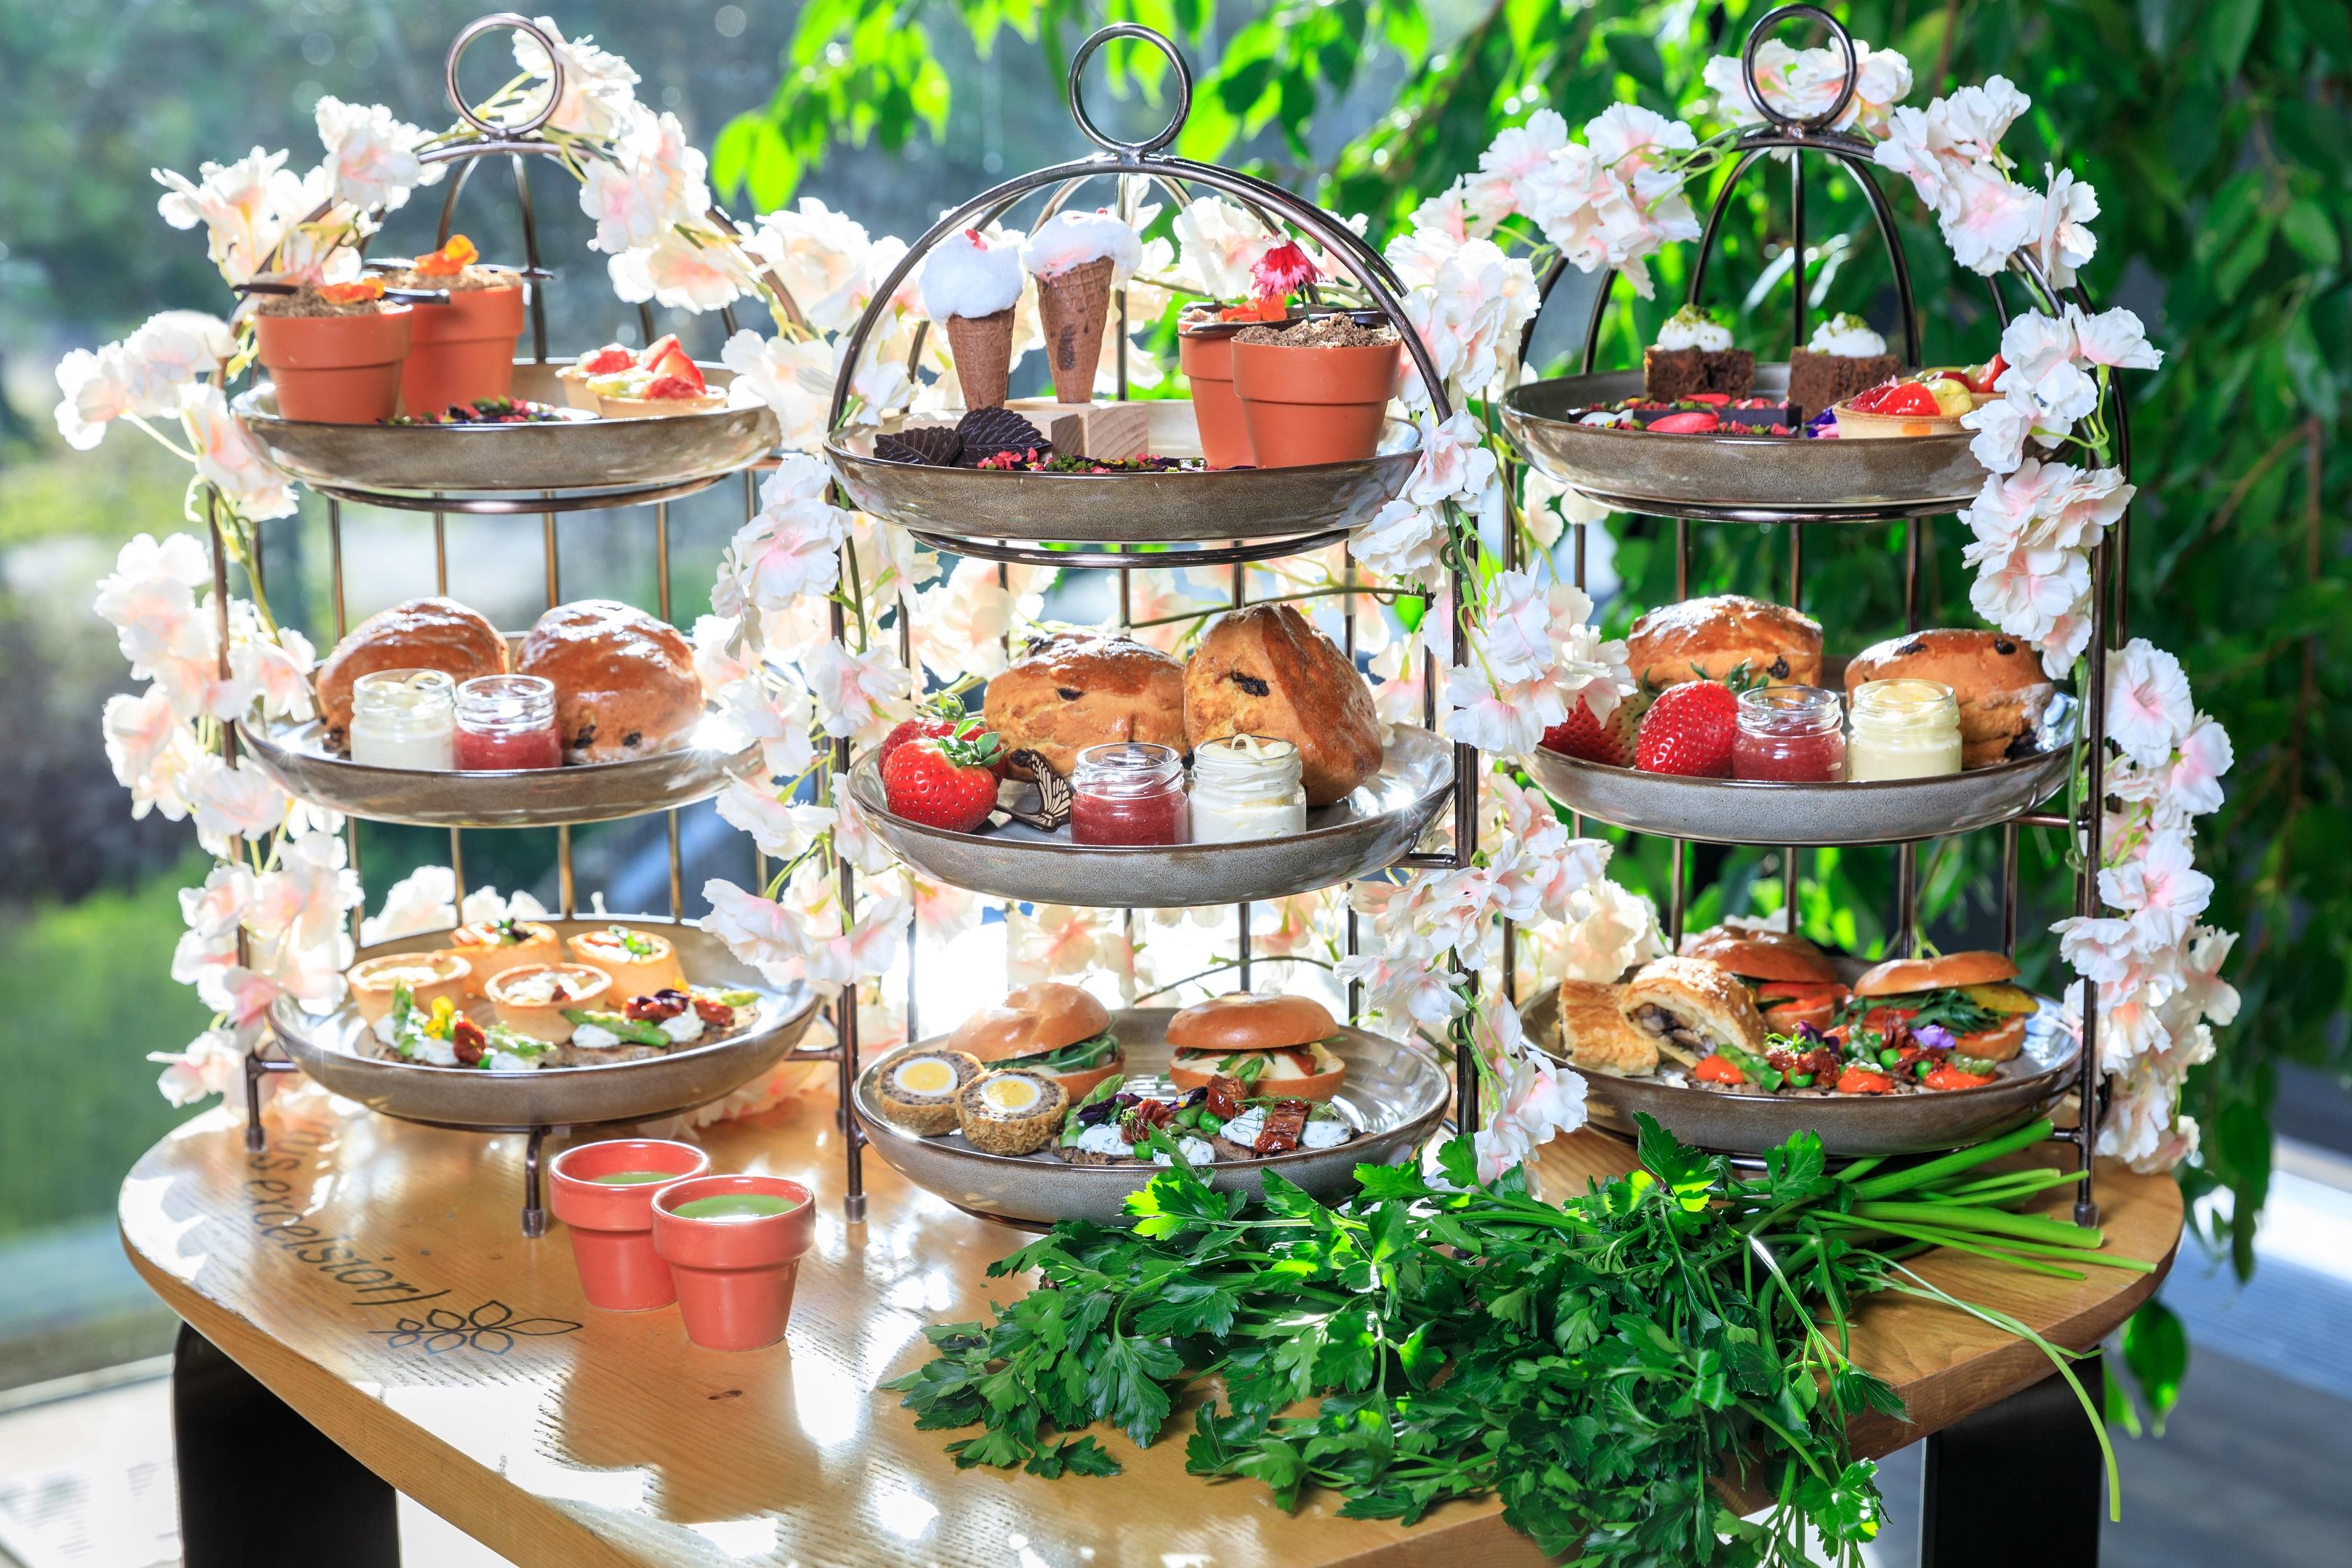 botanics tea 4 - The Botanical Kew Gardens Afternoon Tea Menu